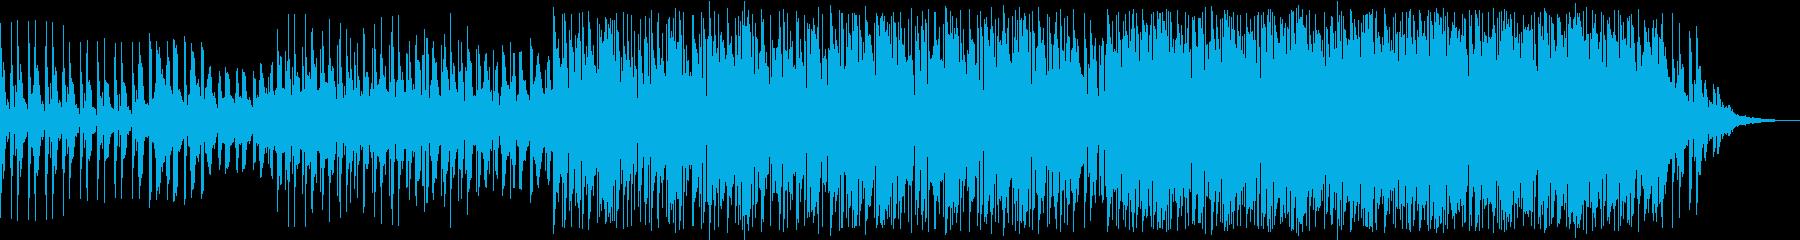 エレクトロニック 説明的 静か 平...の再生済みの波形